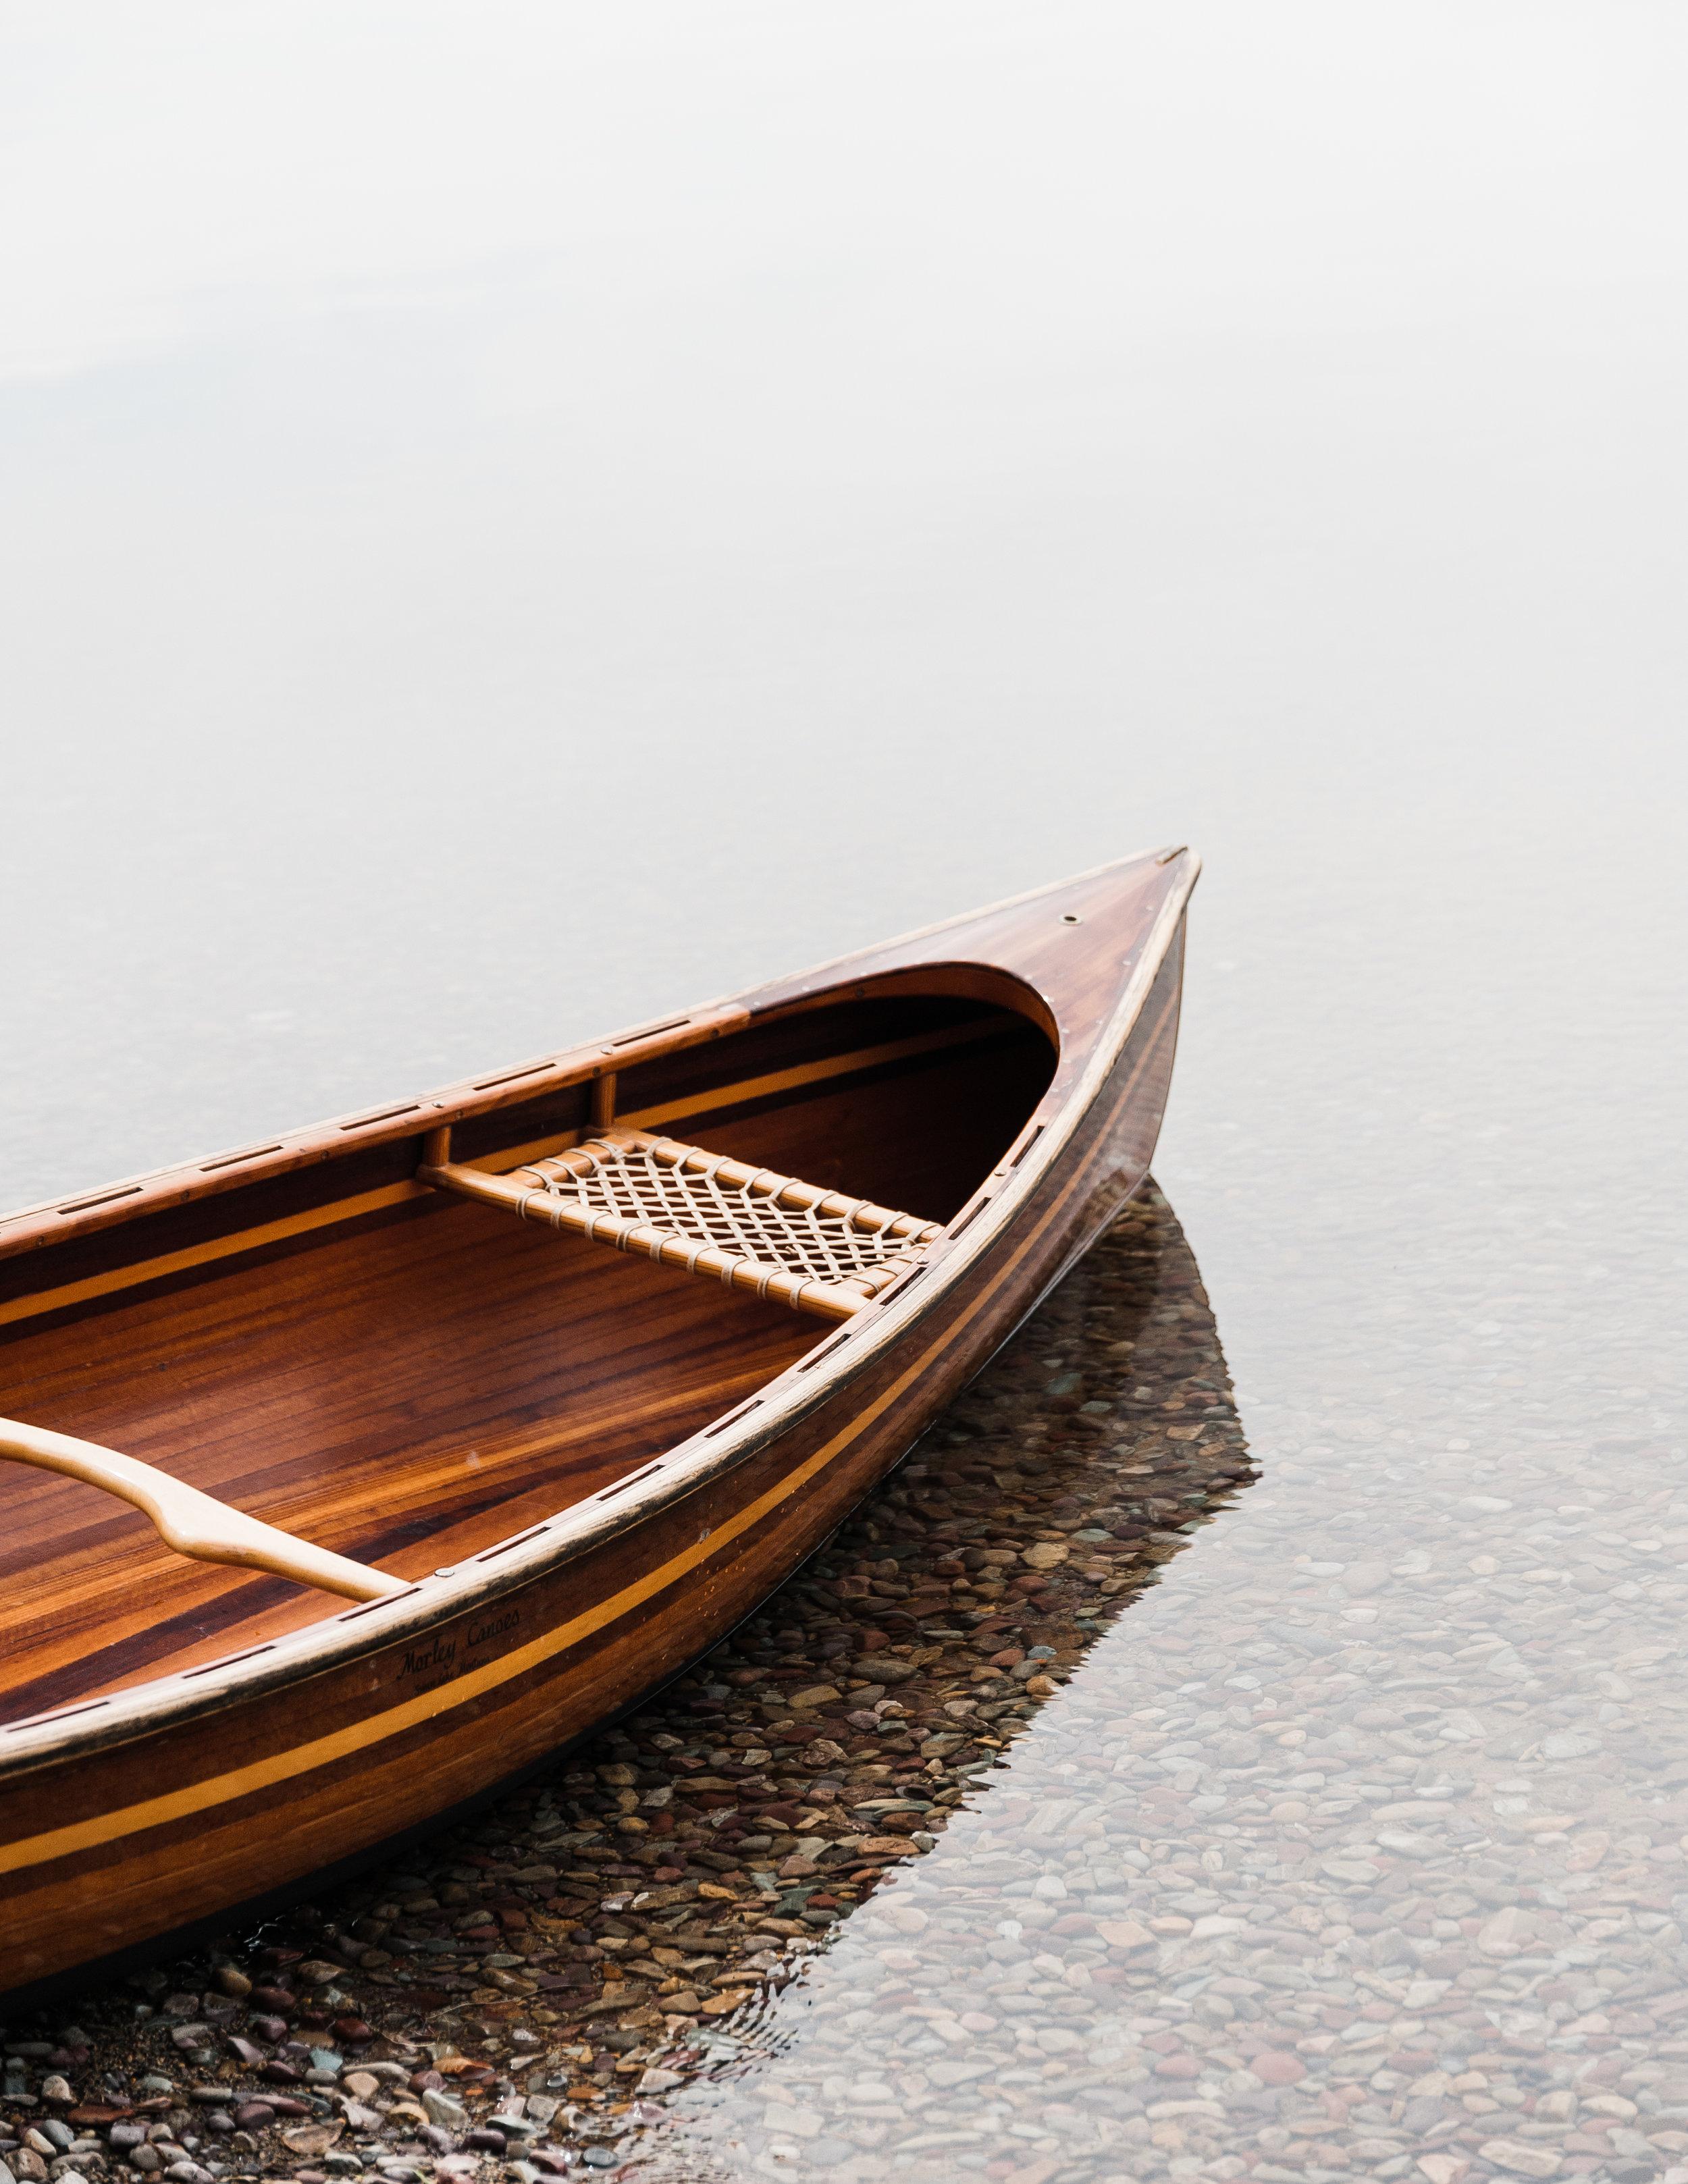 Morley_Canoes-27.jpg